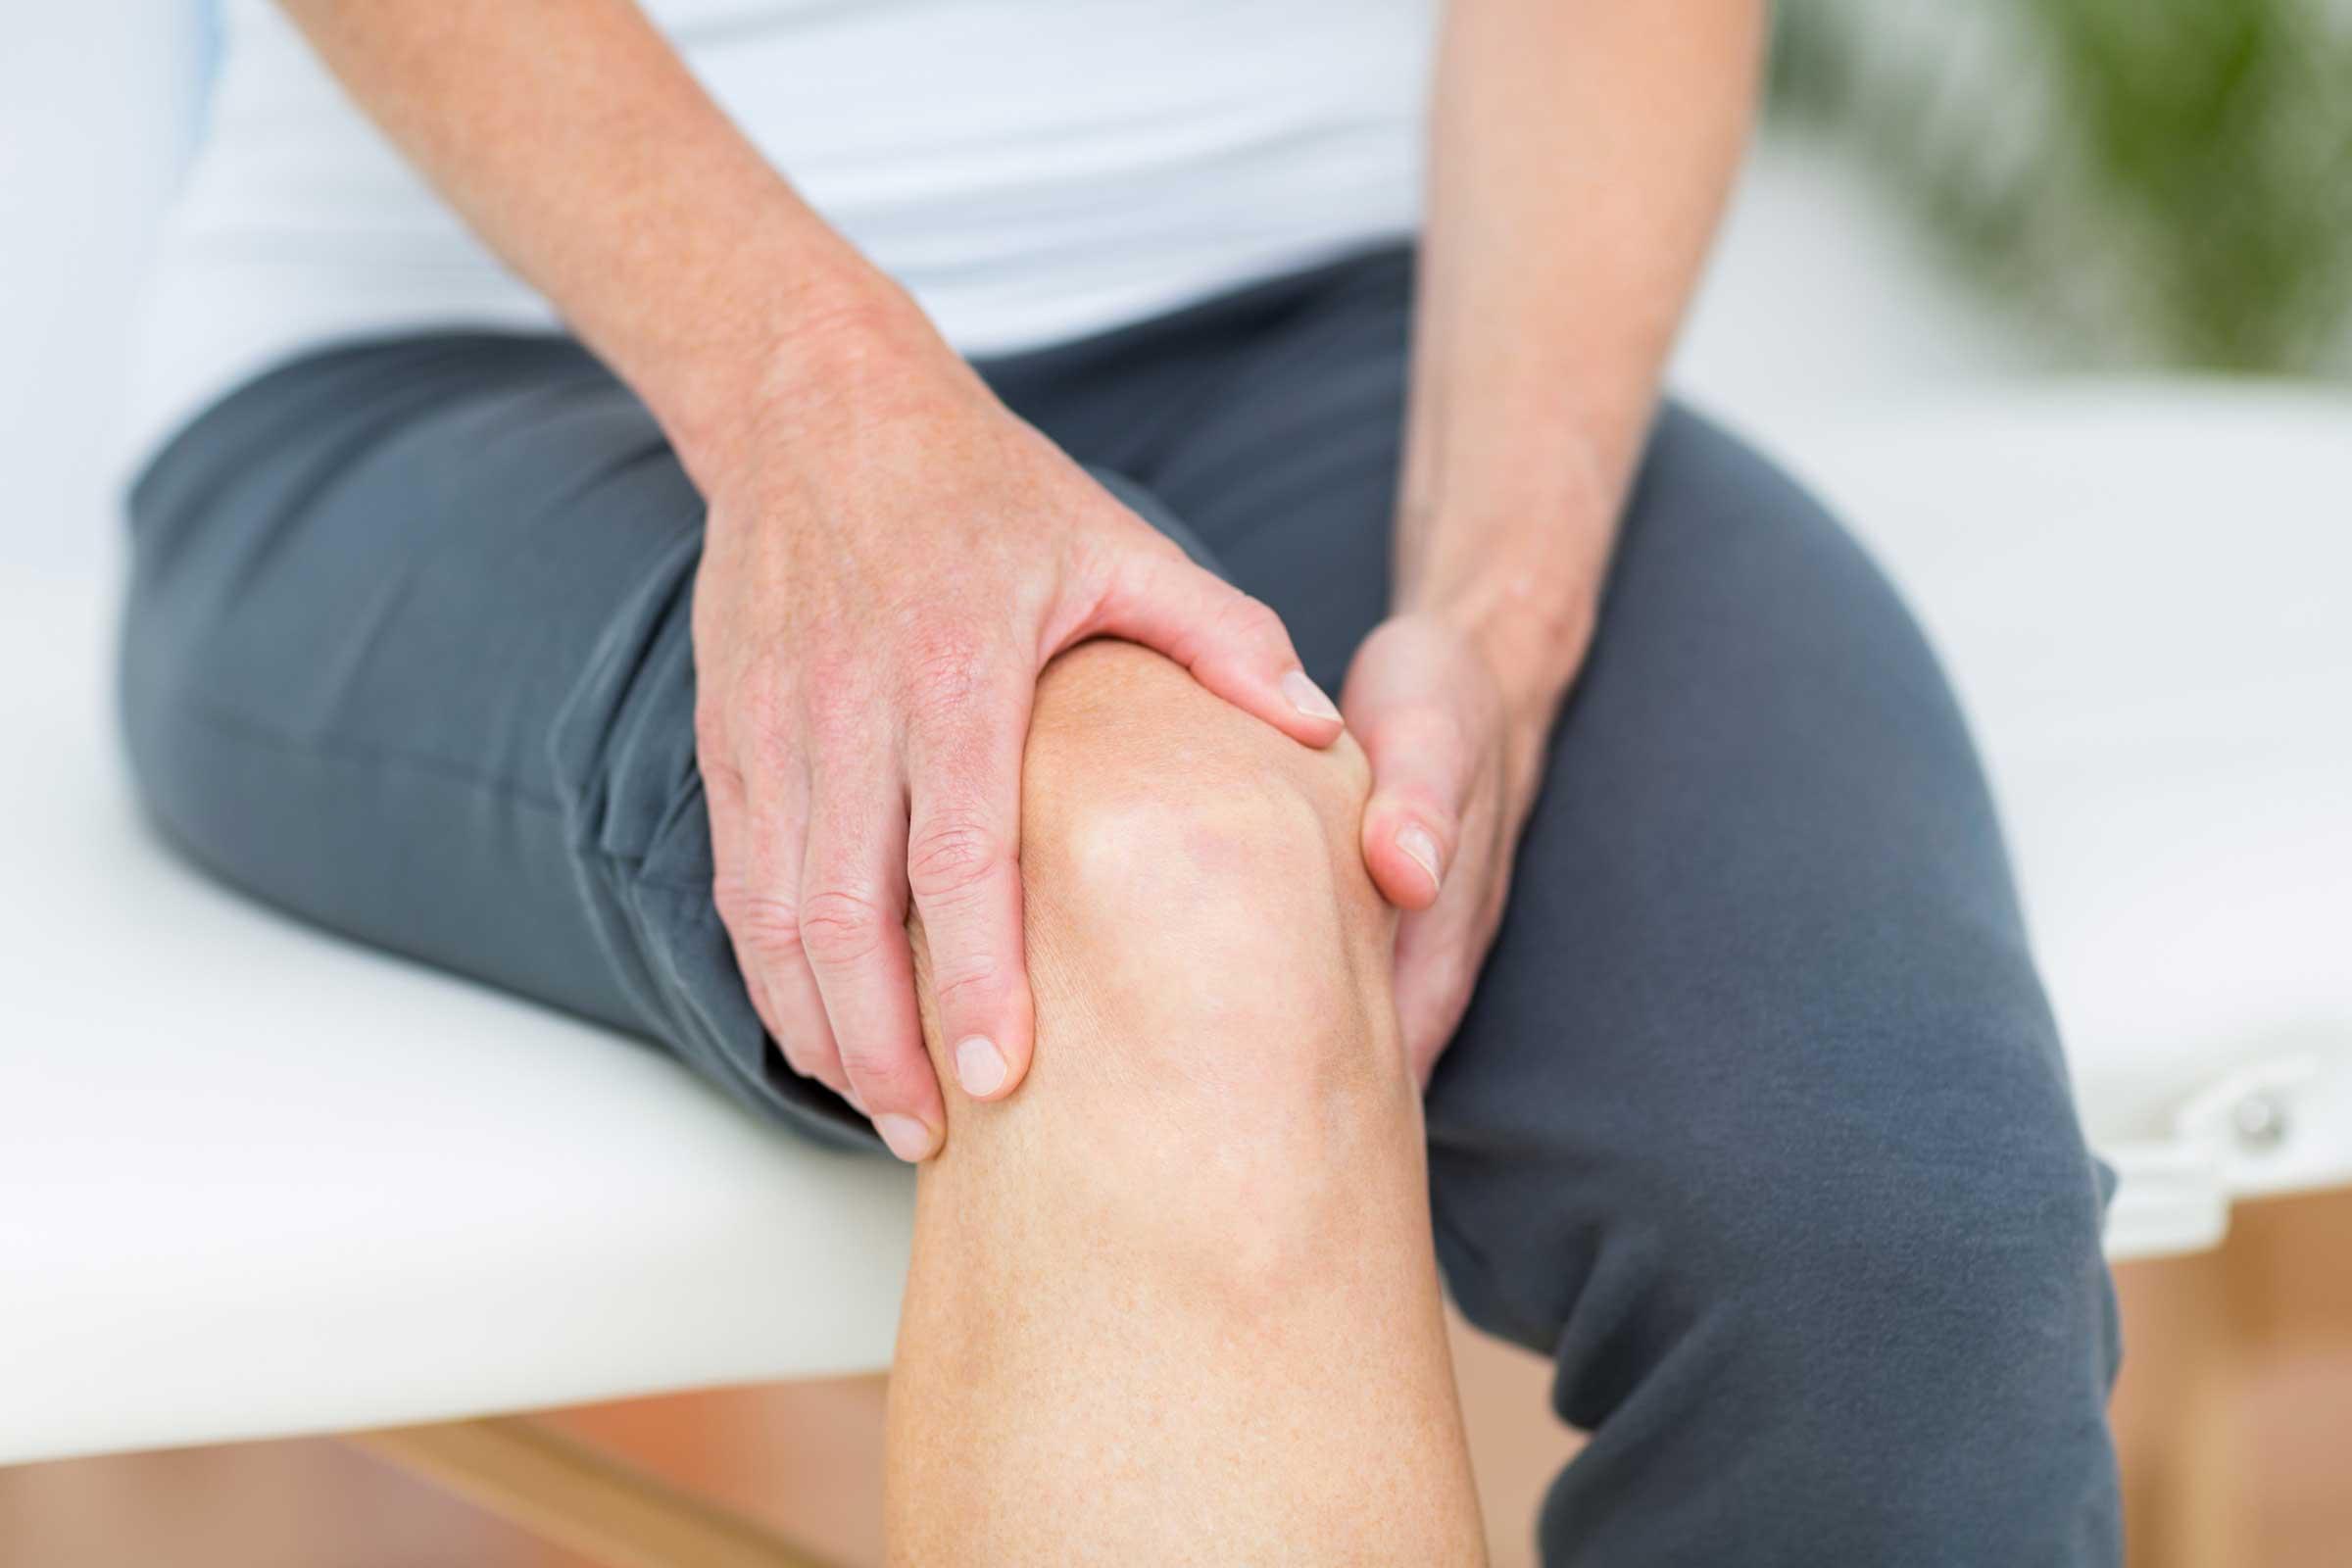 при боли в коленях полезно ходить на коленях эти